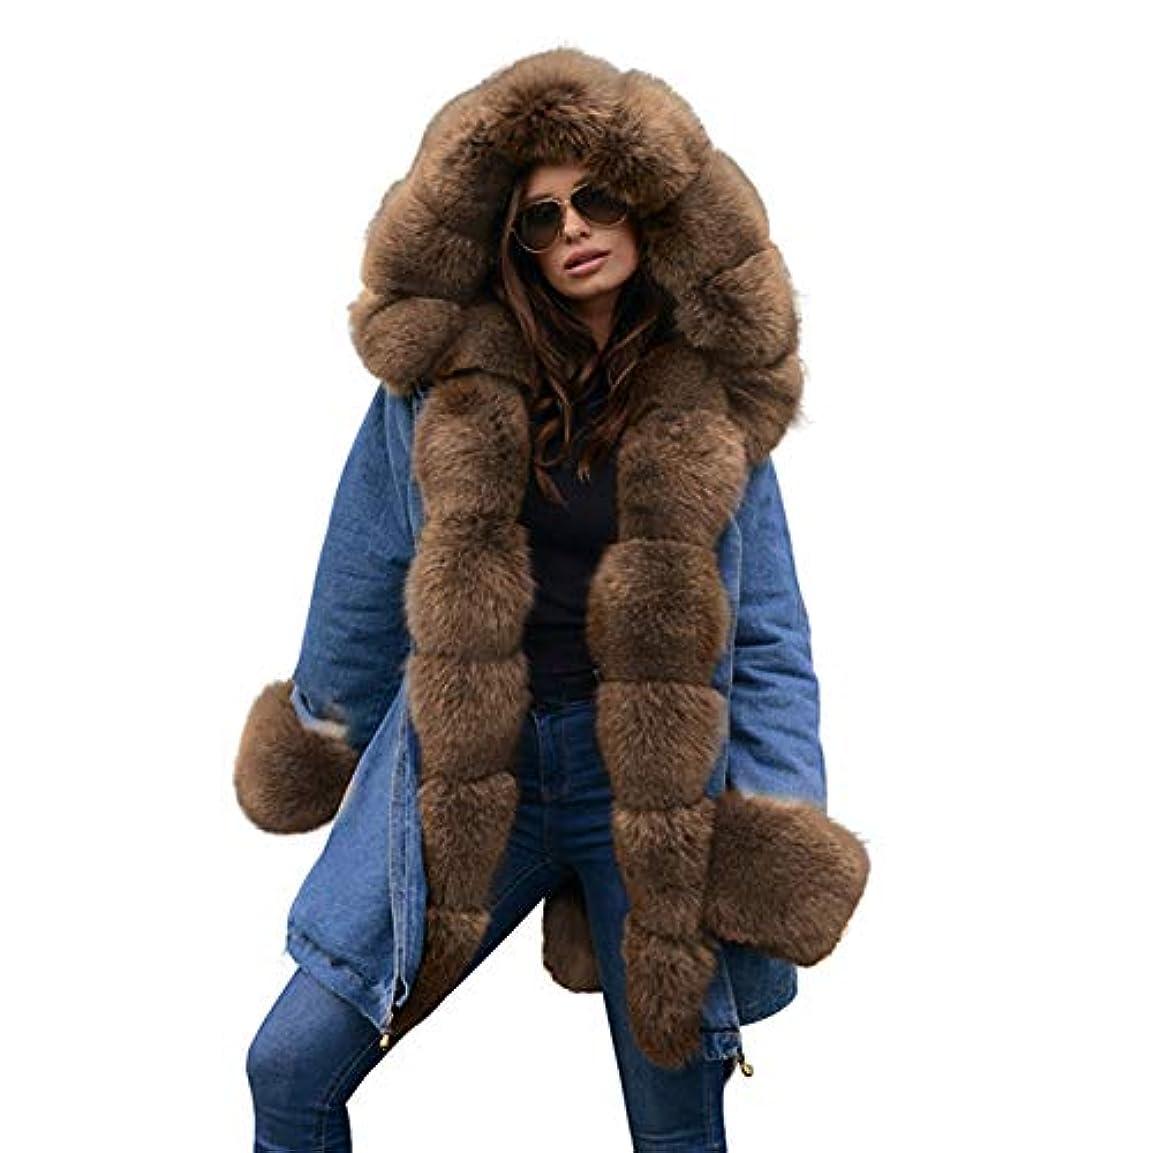 いつか端末浸漬厚手フード付きジャケット女性ウィンターフェイクファーカラーコートコットンパットオーバーコートロングコートパーカスパーカ,S